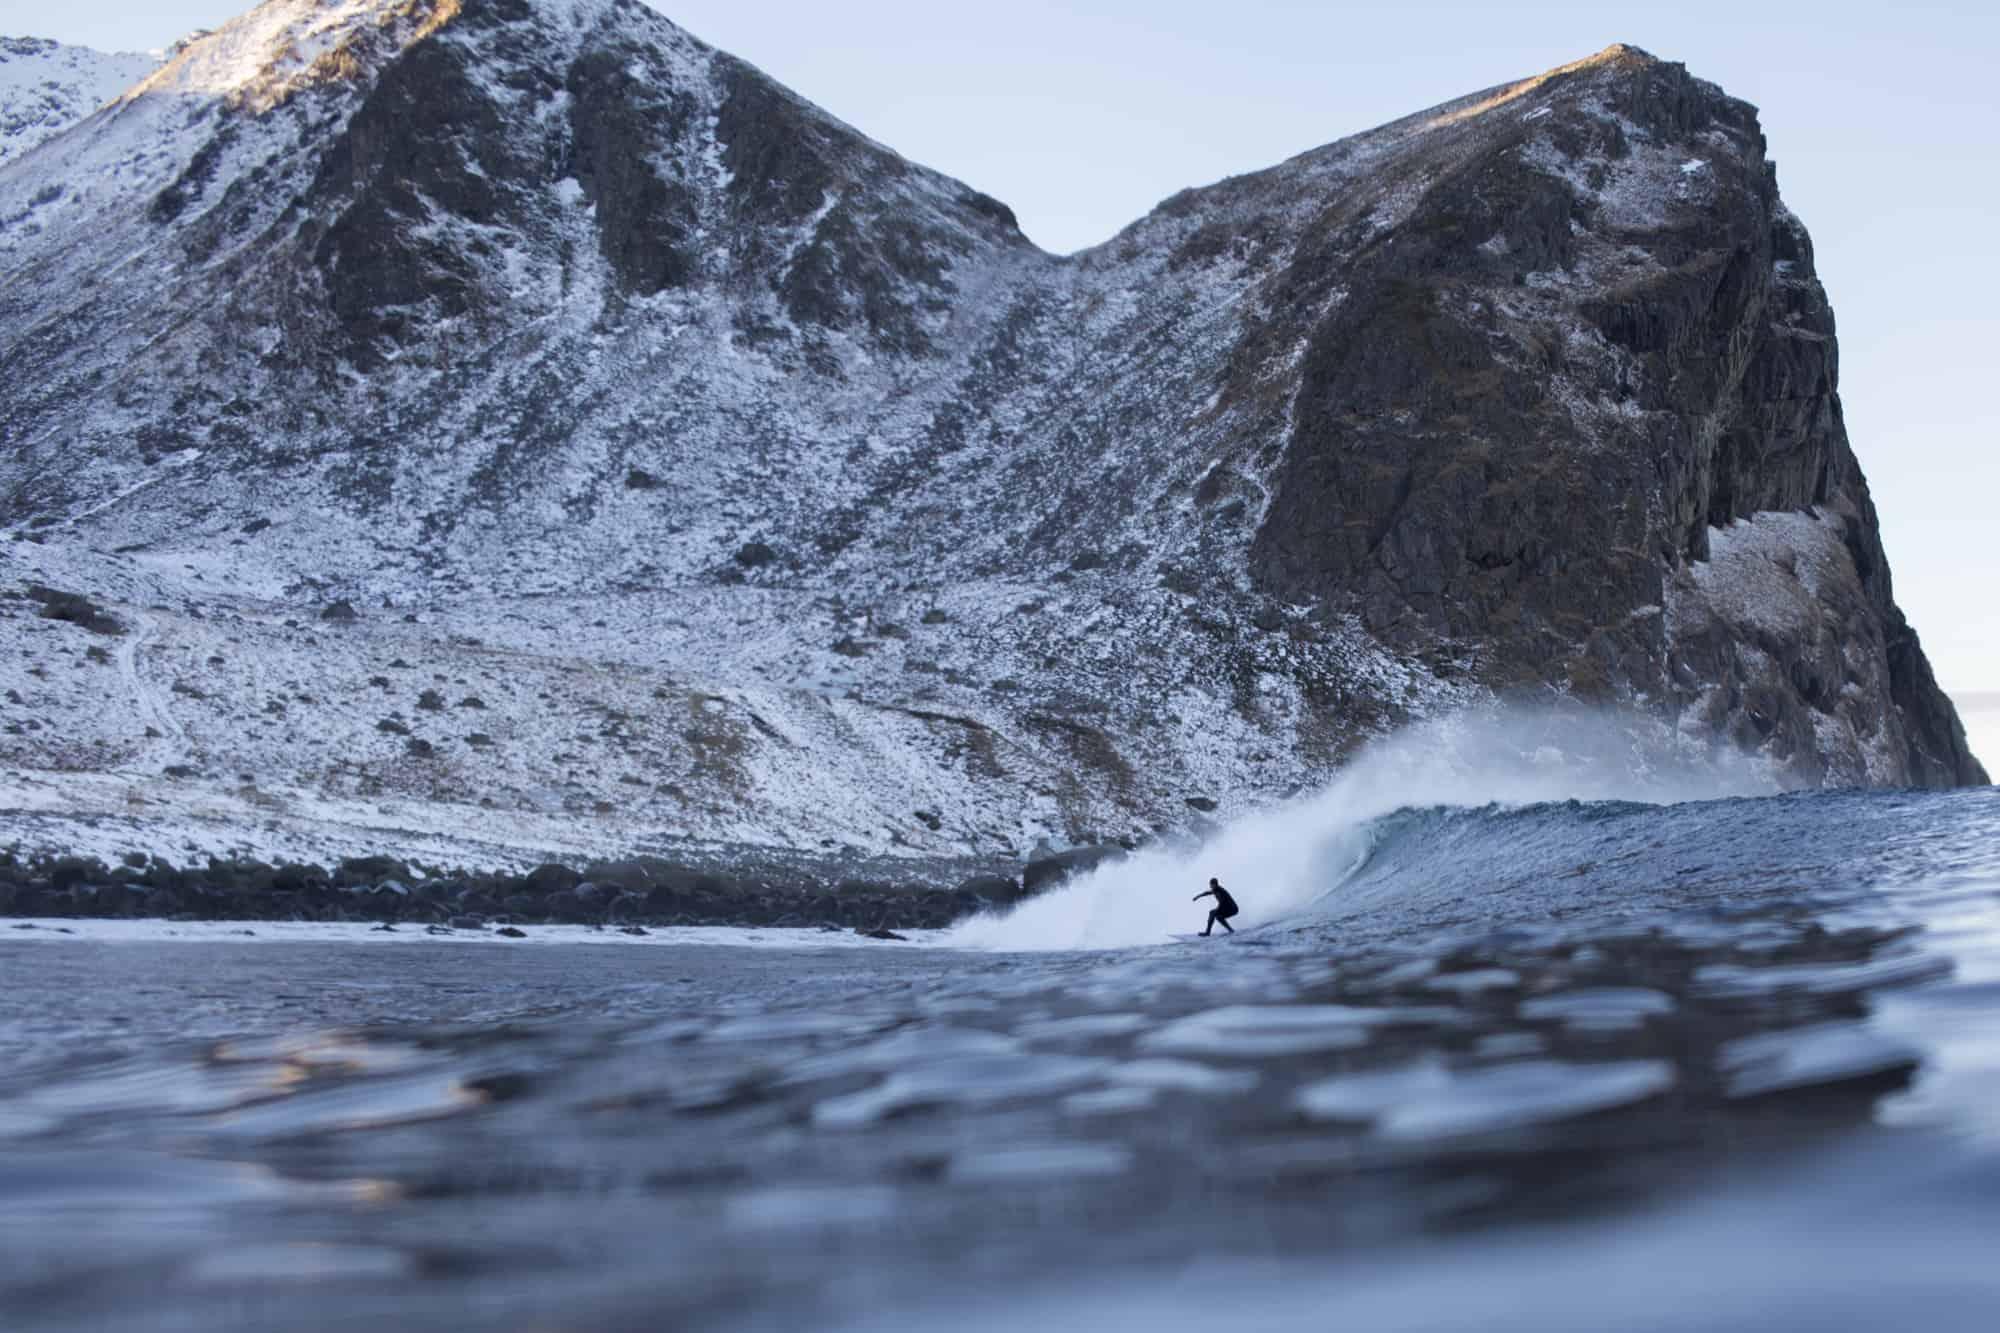 Joel Stevenson surfer i Lofoten blant store fjell.